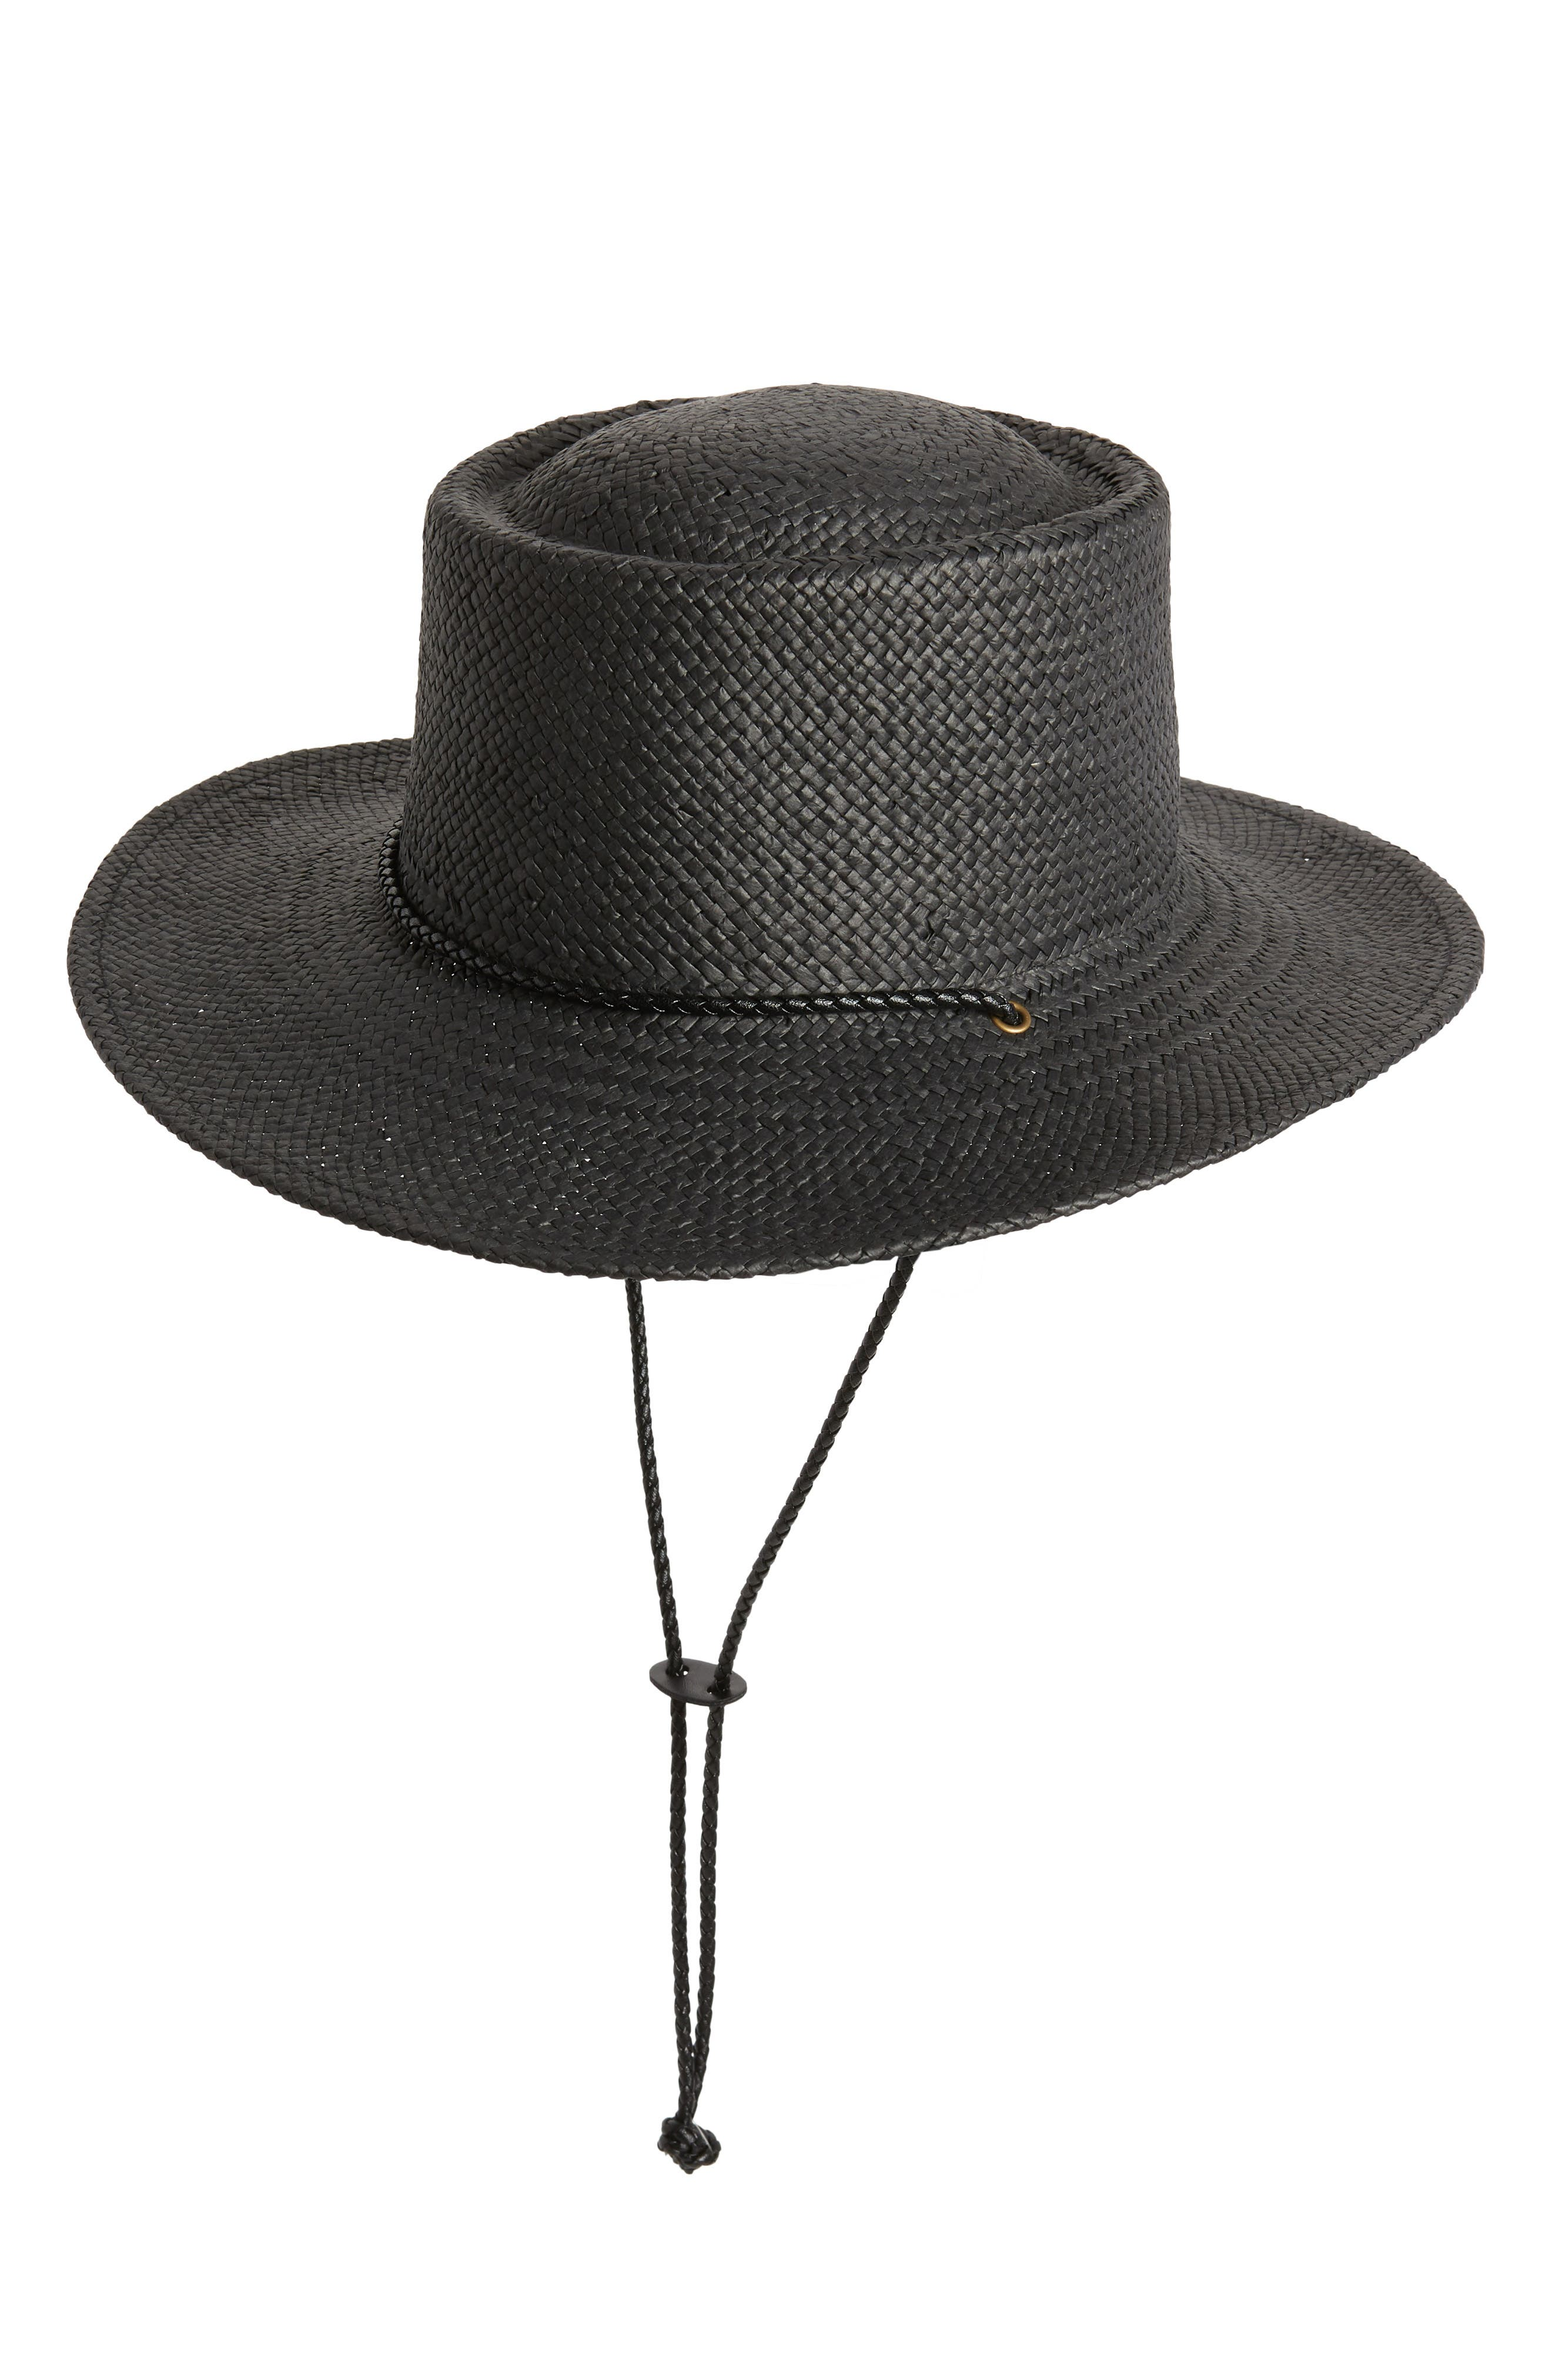 TREASURE & BOND Woven Boater Hat, Main, color, BLACK